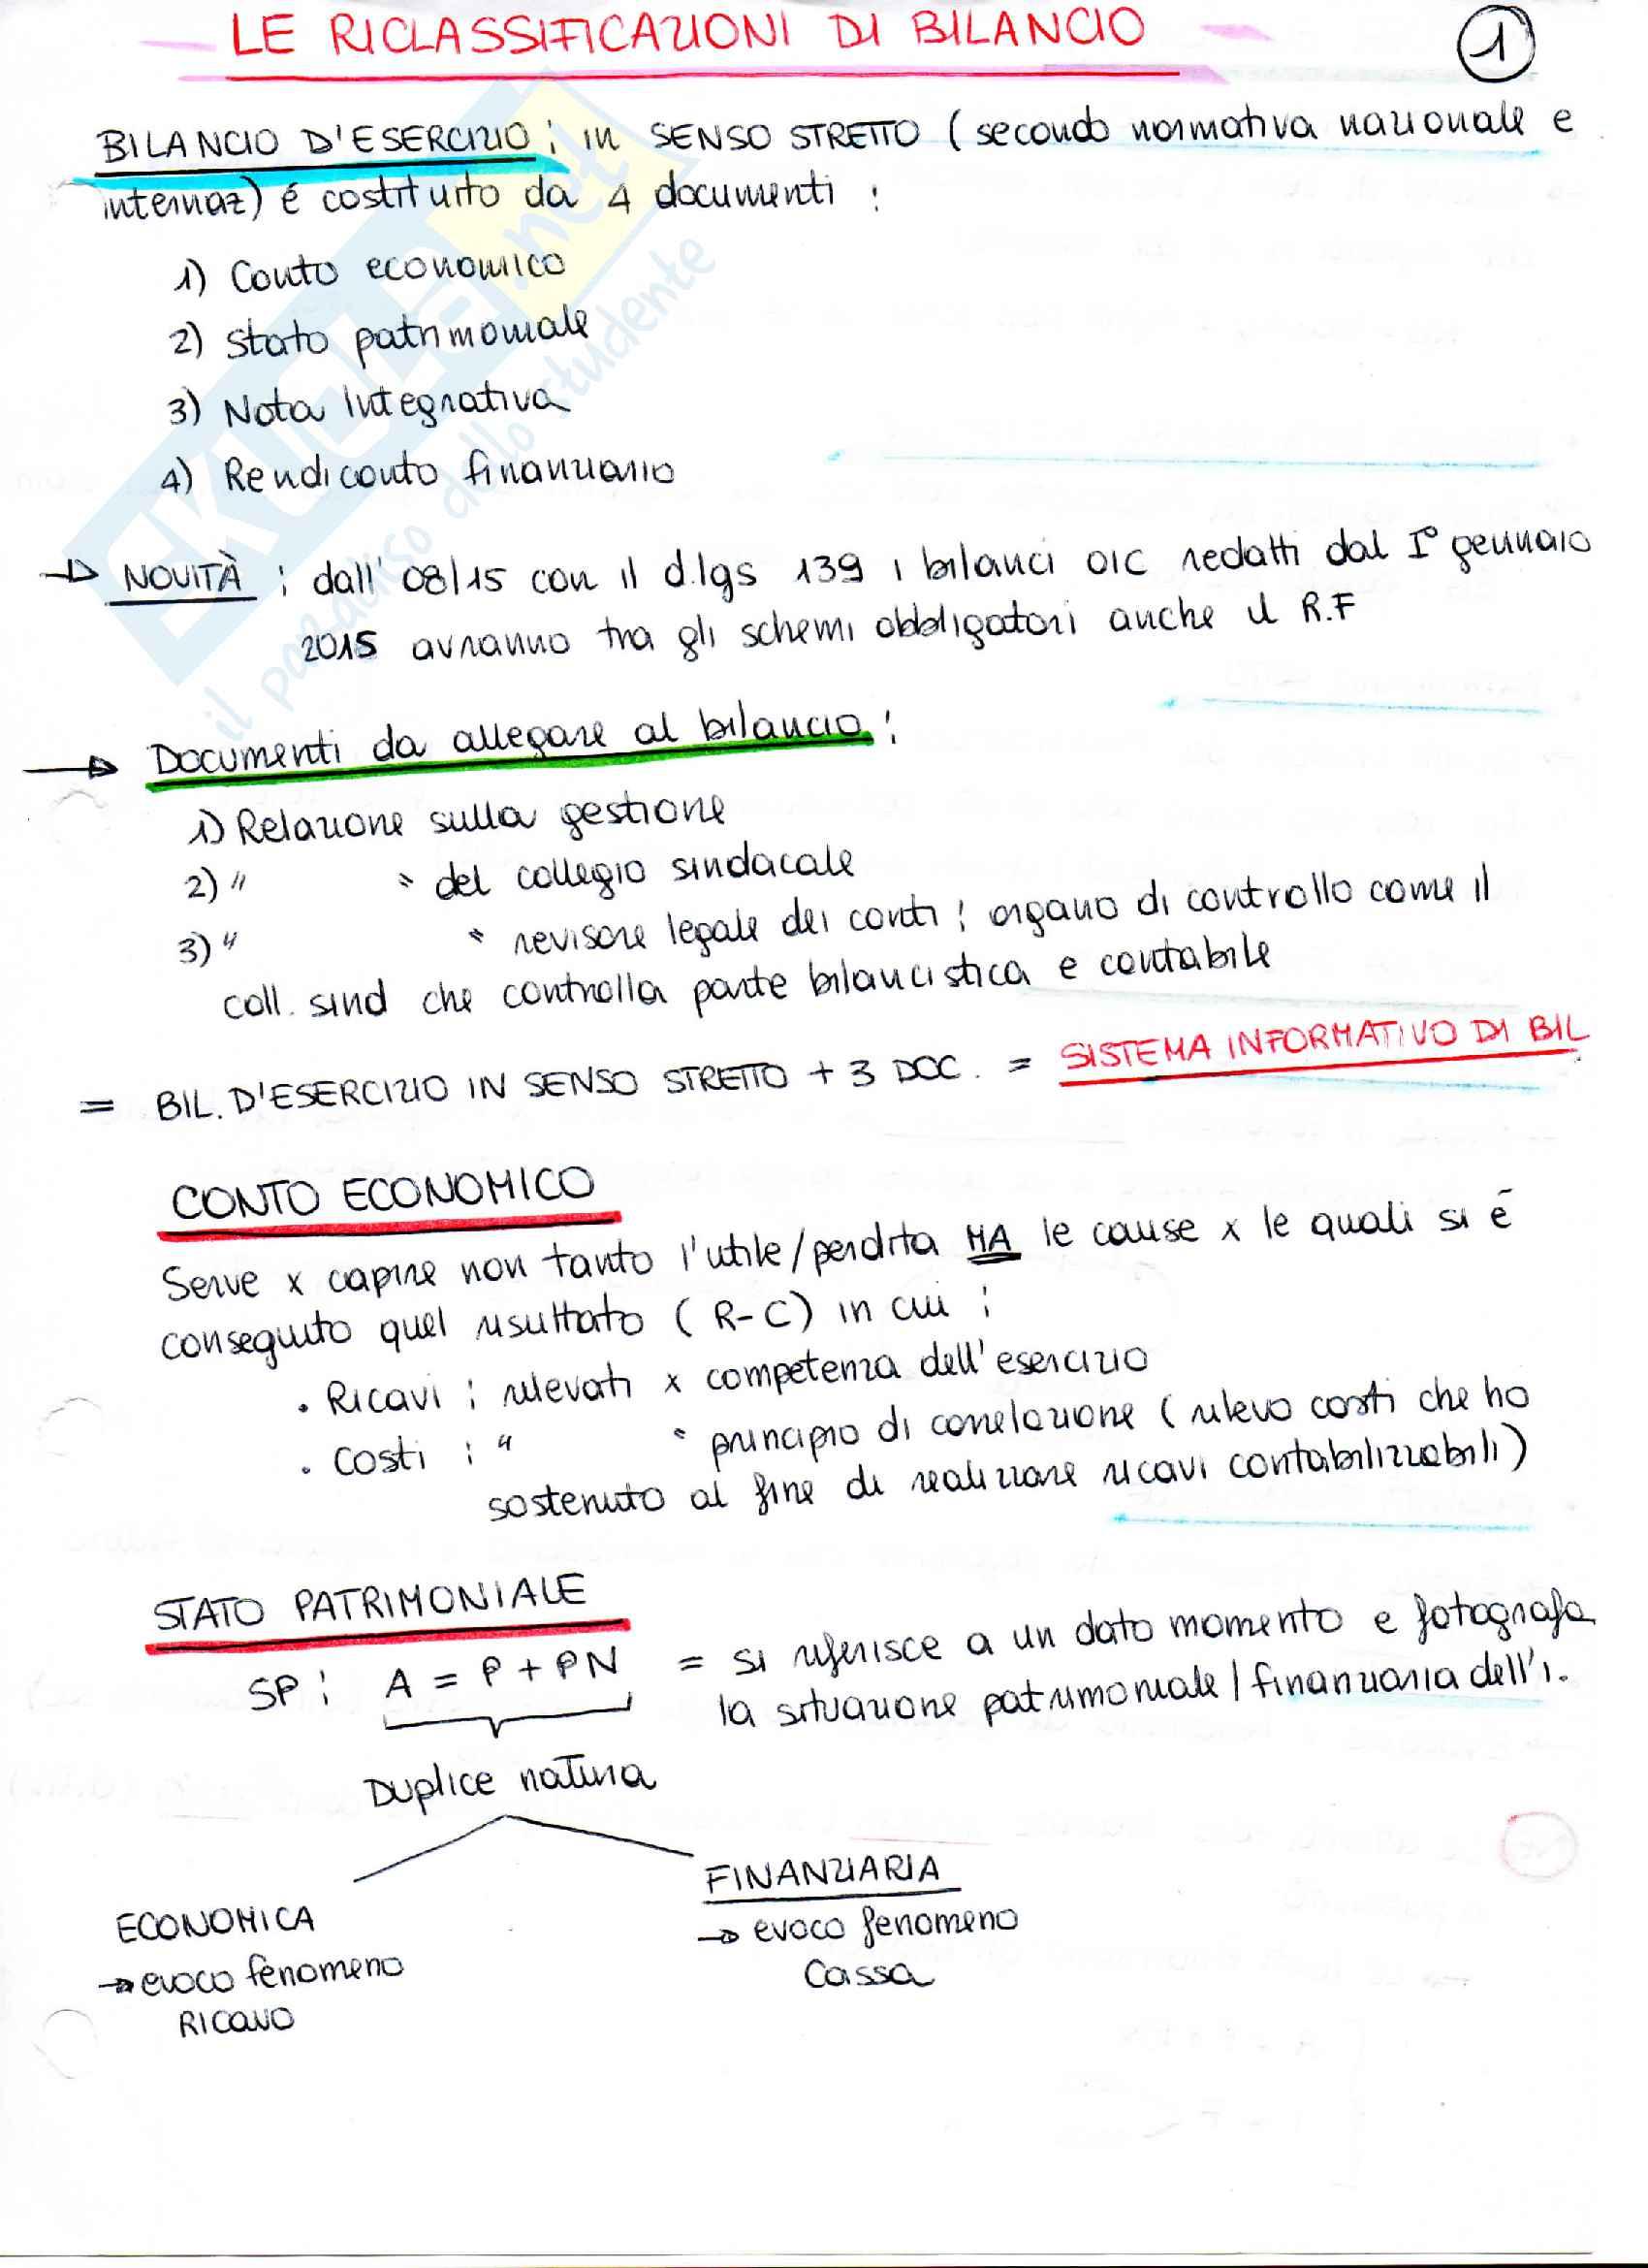 Appunti di analisi di bilancio